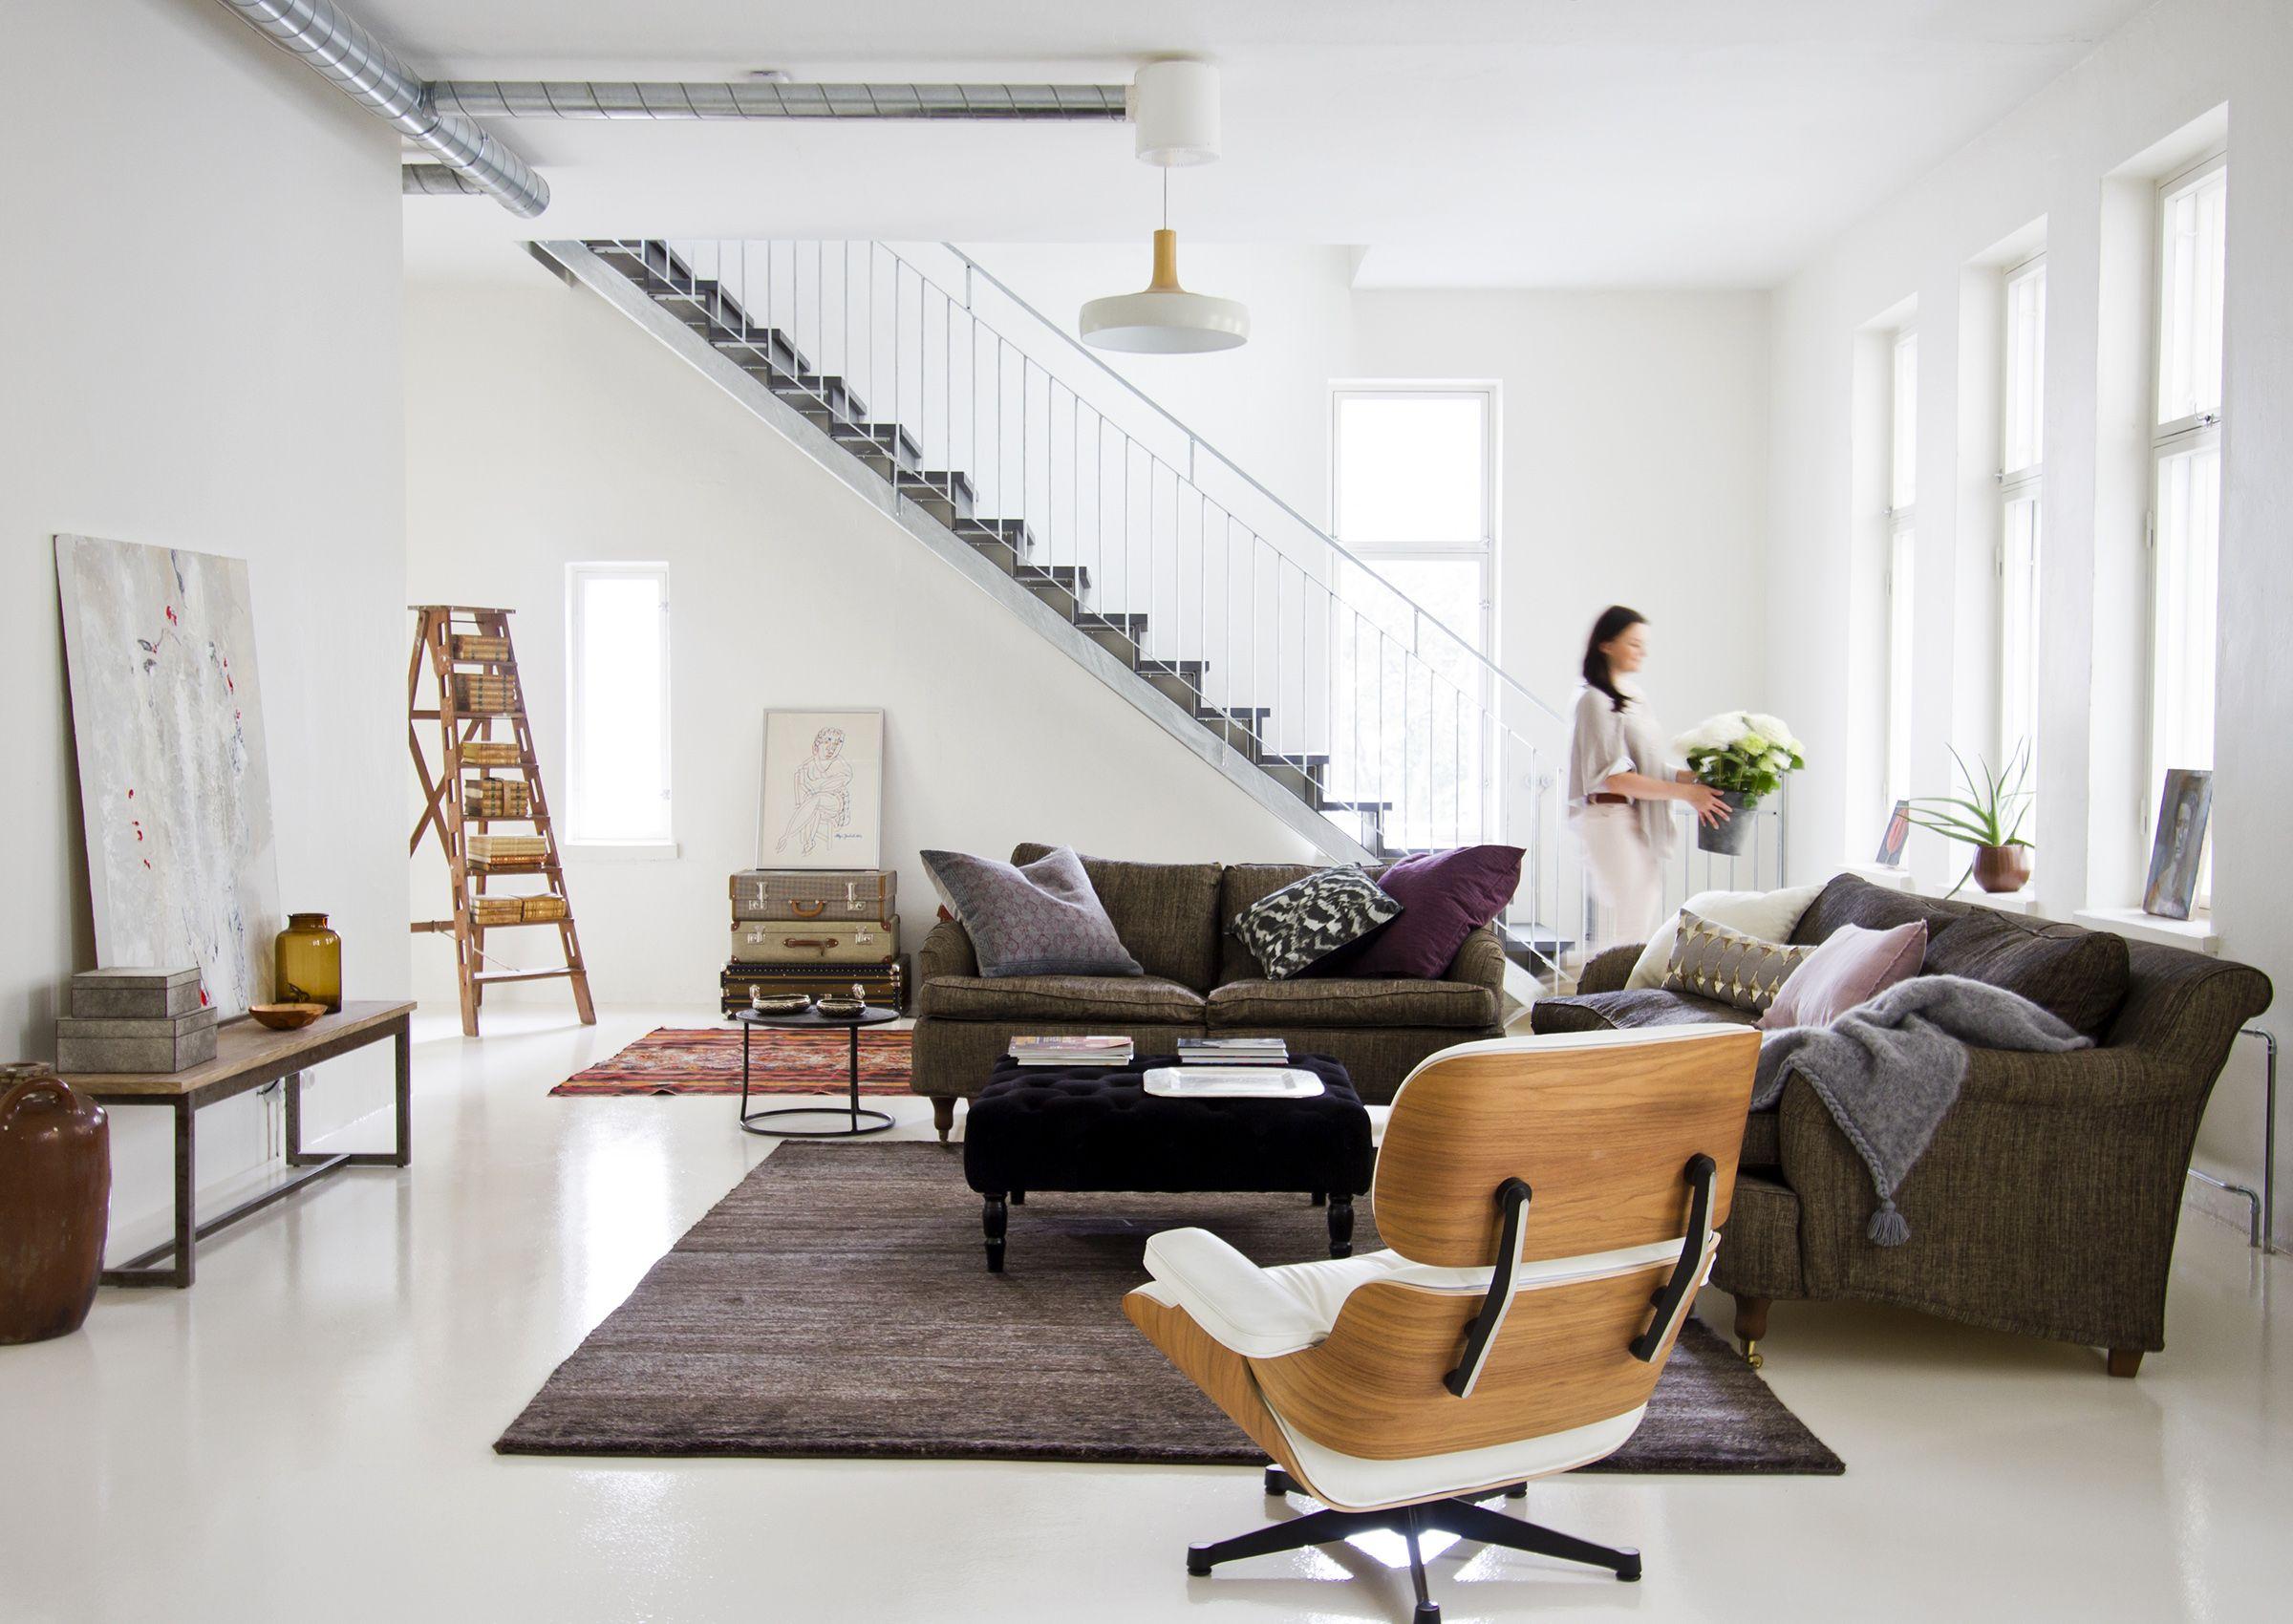 Kuinka loft-asunto tai muu suuri tila kannattaa sisustaa? Lue Avotakan vinkit ja…